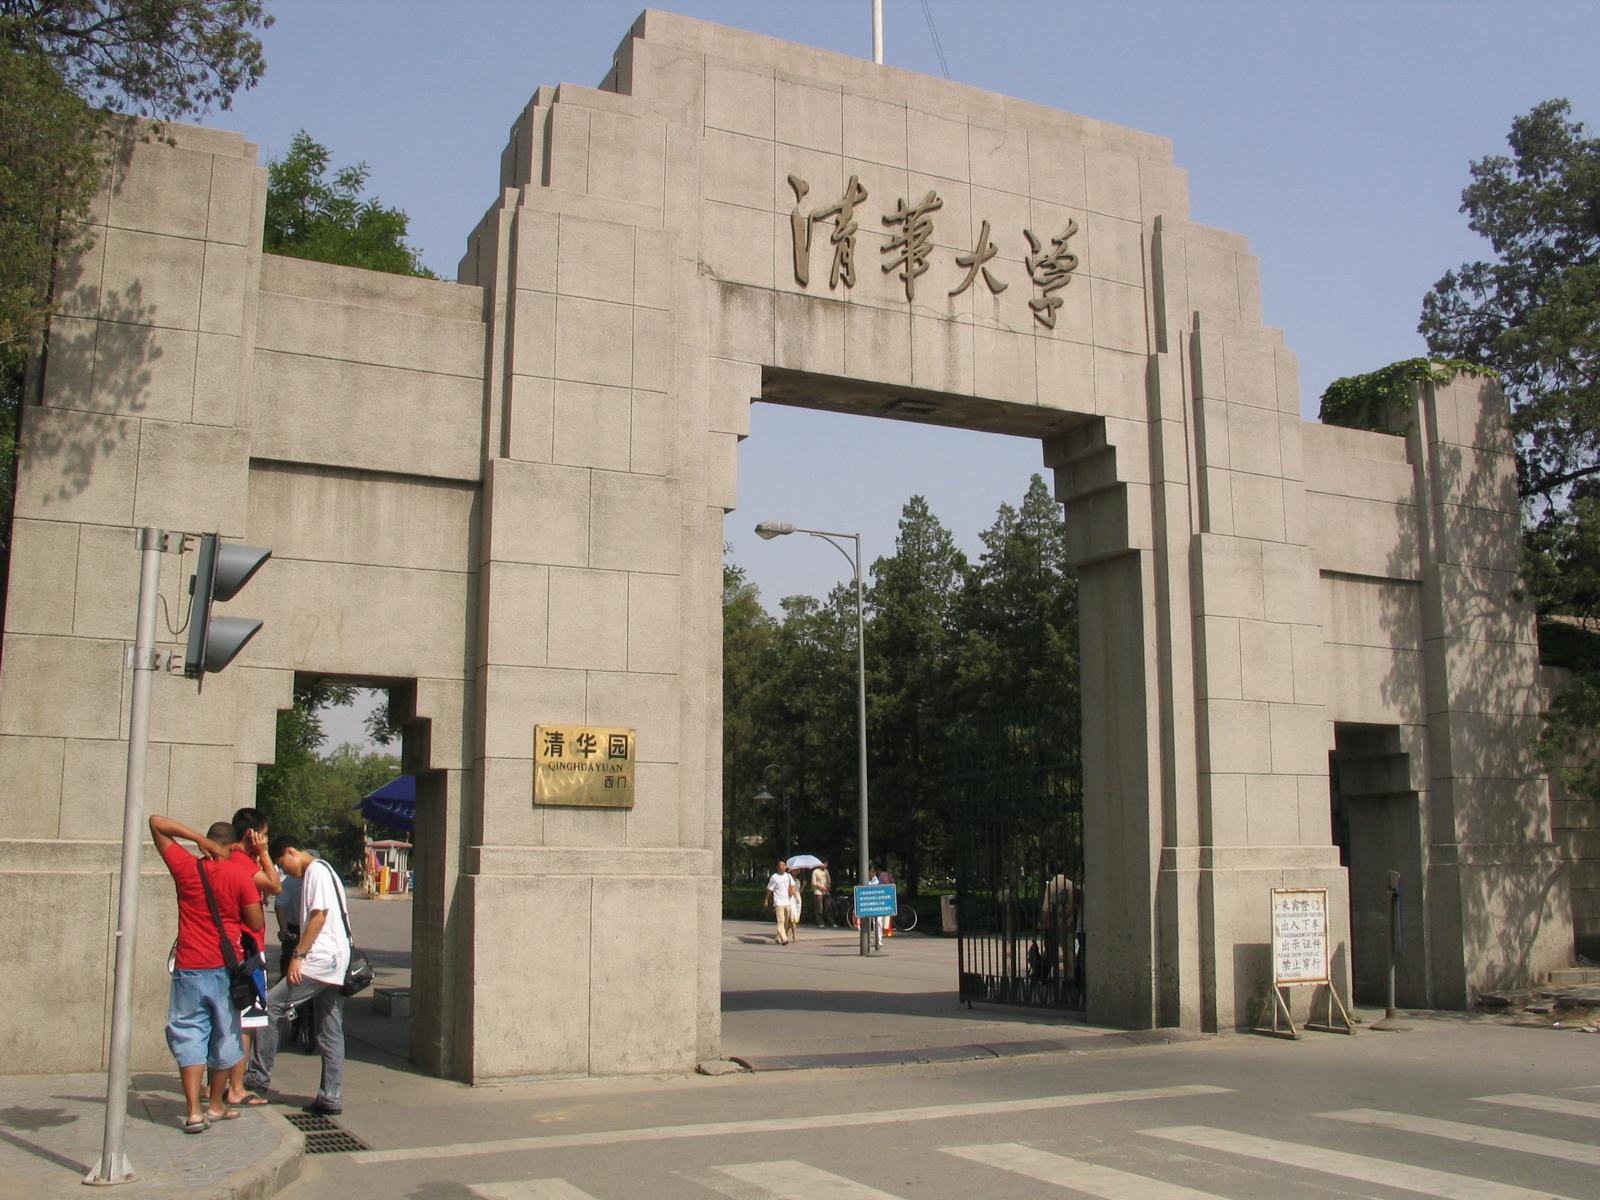 Tsinghua daxue